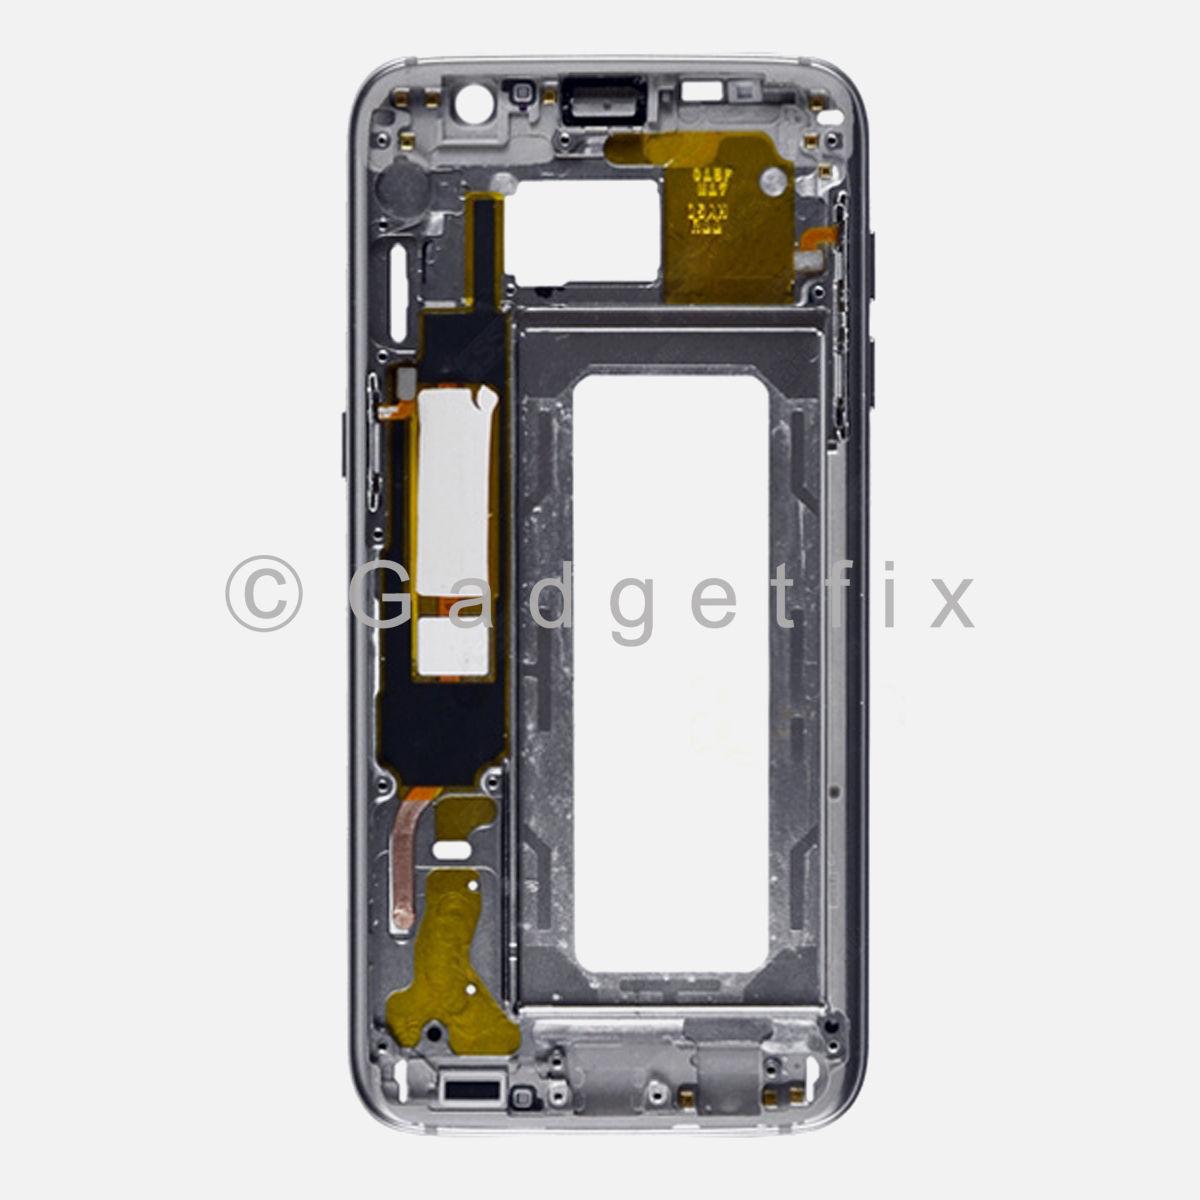 Gold Samsung Galaxy S7 Edge G935A G935T G935V G935P G935F Middle Housing Frame Bezel Mid Chassis